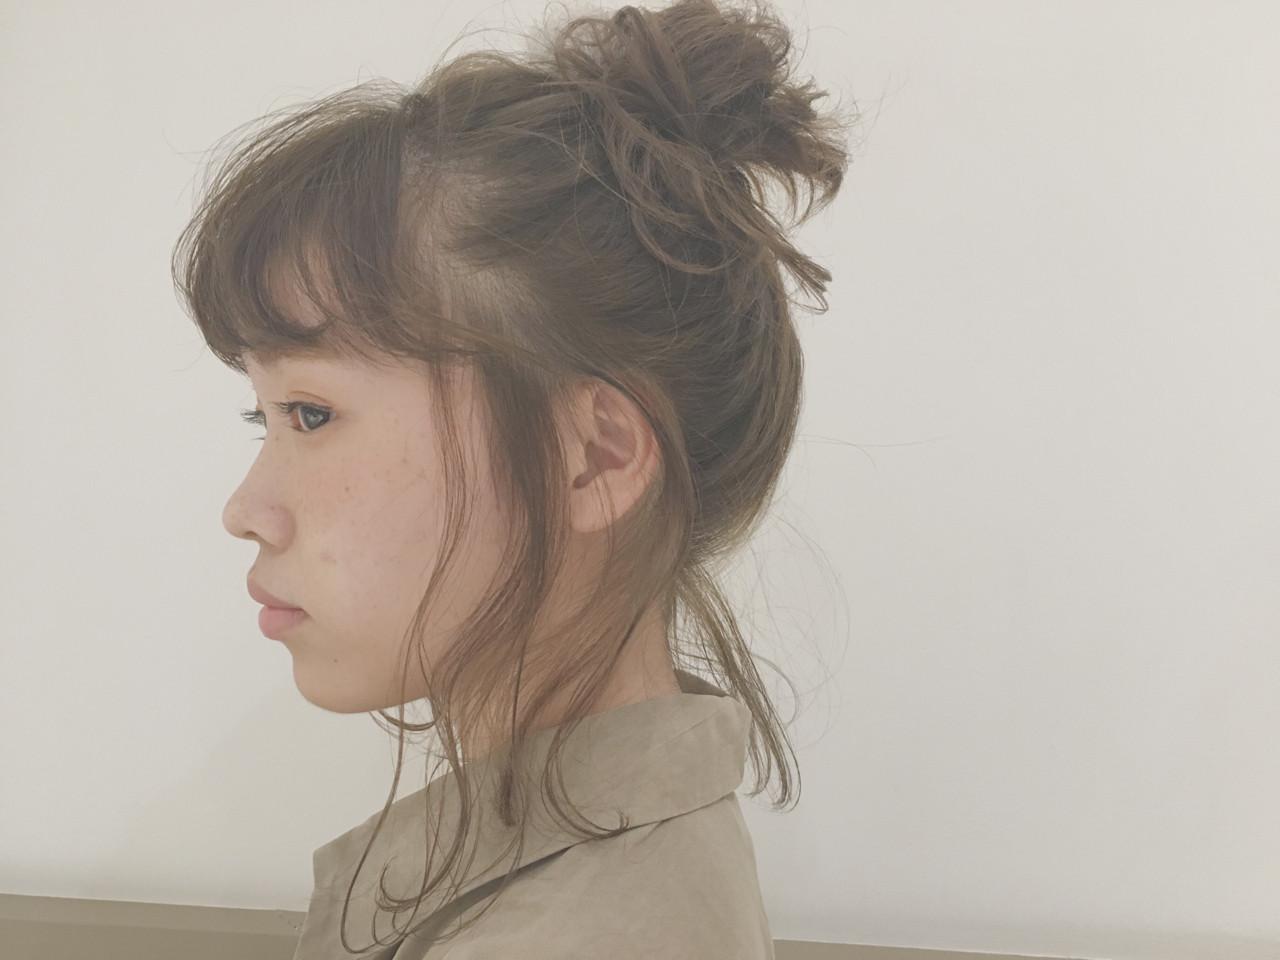 ニュアンス 簡単ヘアアレンジ 外国人風 ヘアアレンジ ヘアスタイルや髪型の写真・画像 | hashimoto/LOUIE / LOUIE